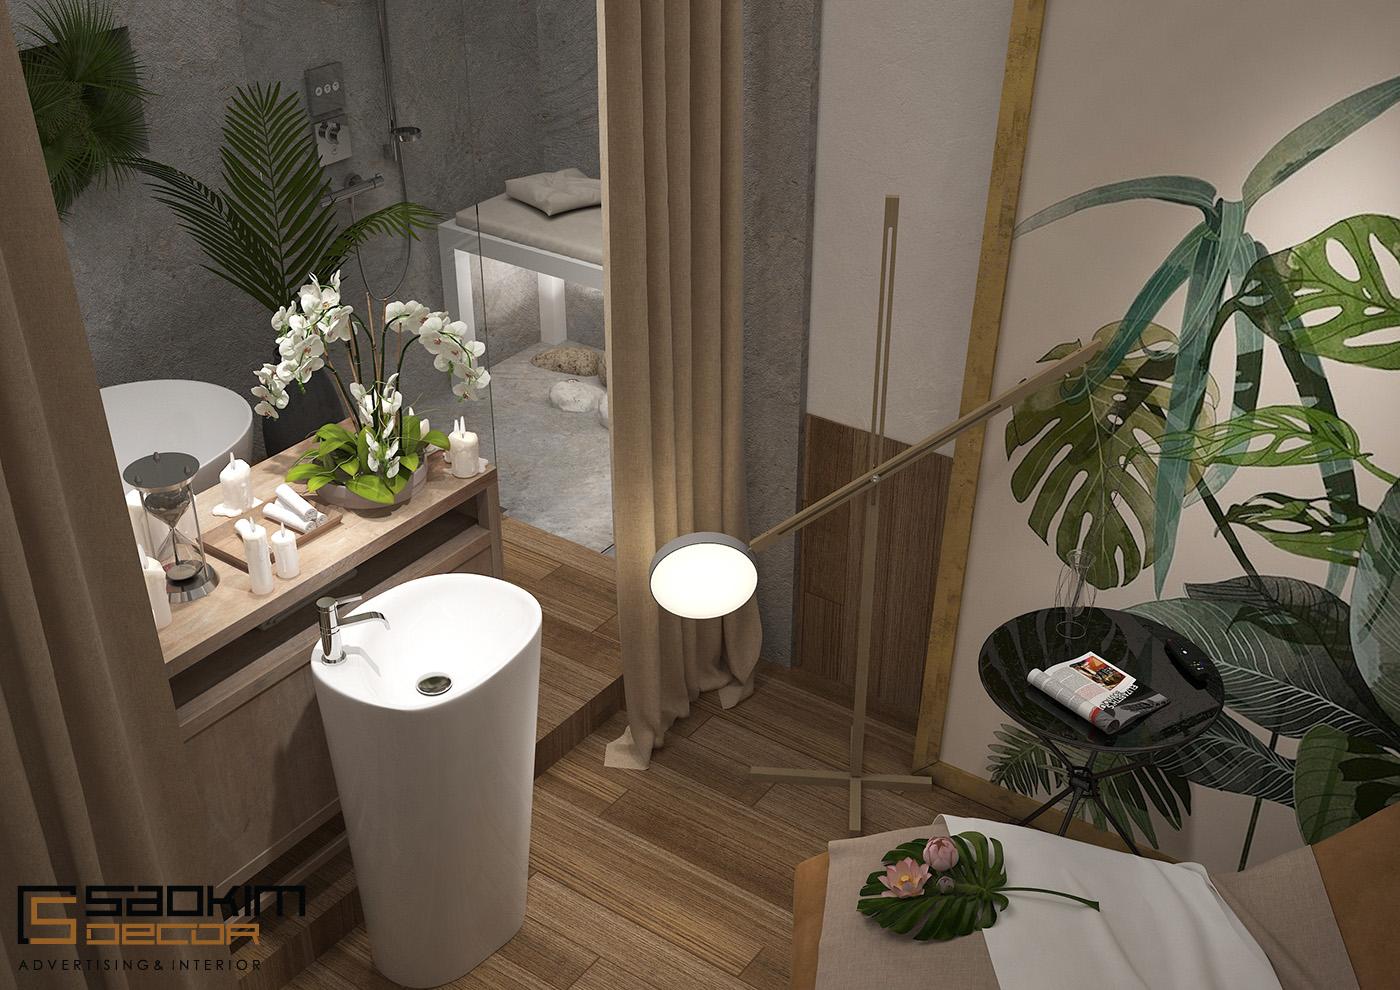 Thiết kế nội thất spa sử dụng chủ yếu ván gỗ